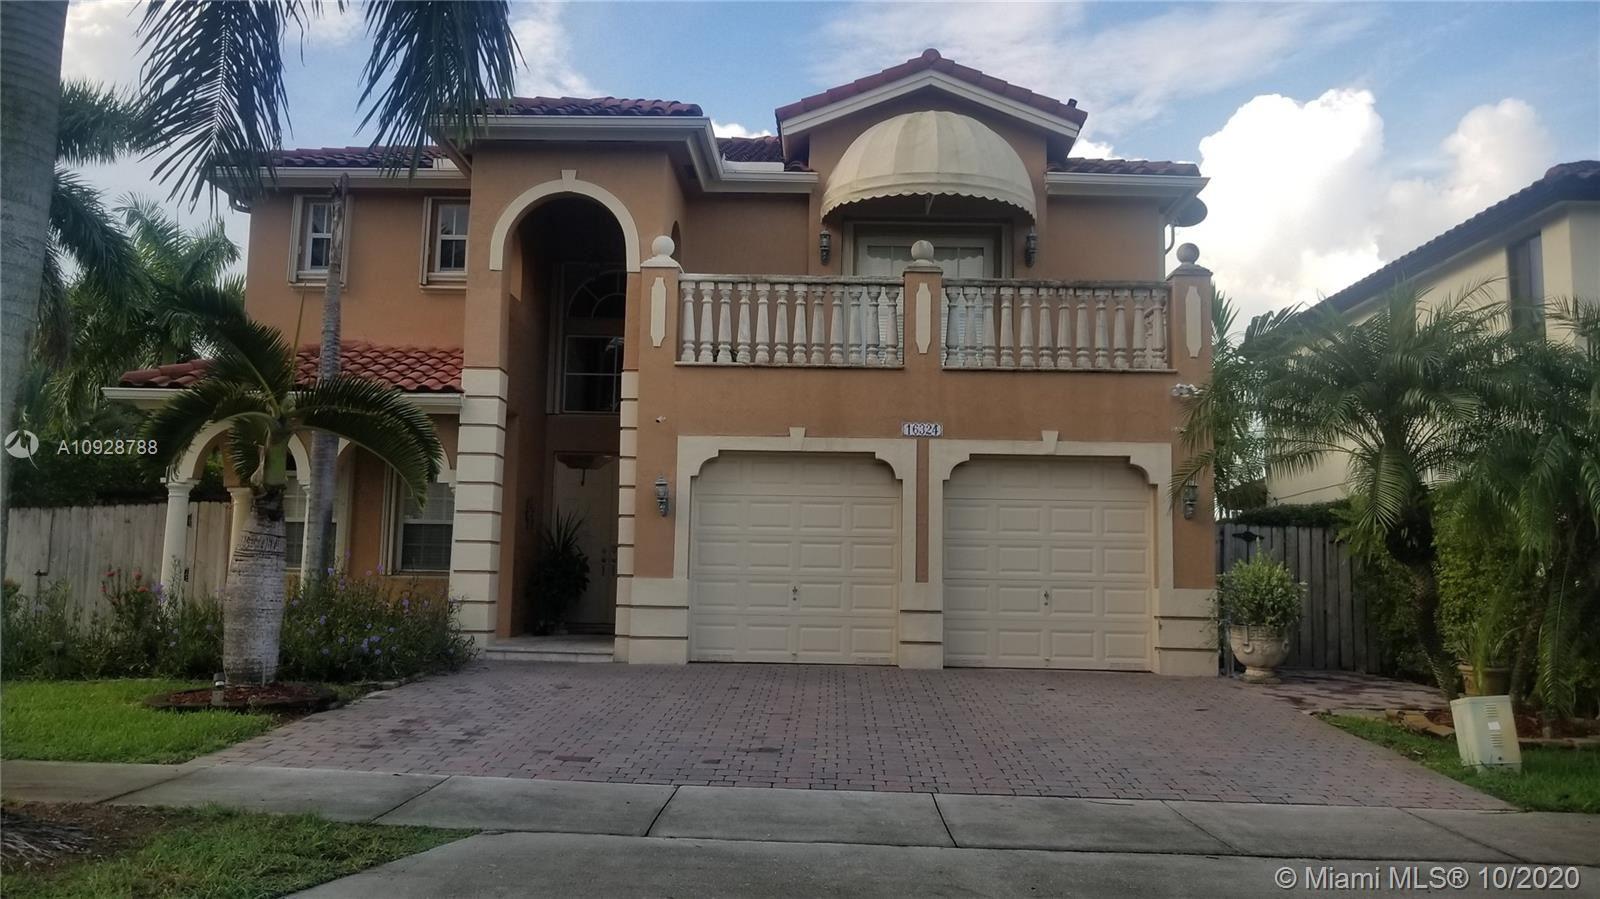 16324 SW 63rd Ter, Miami, FL 33193 - #: A10928788